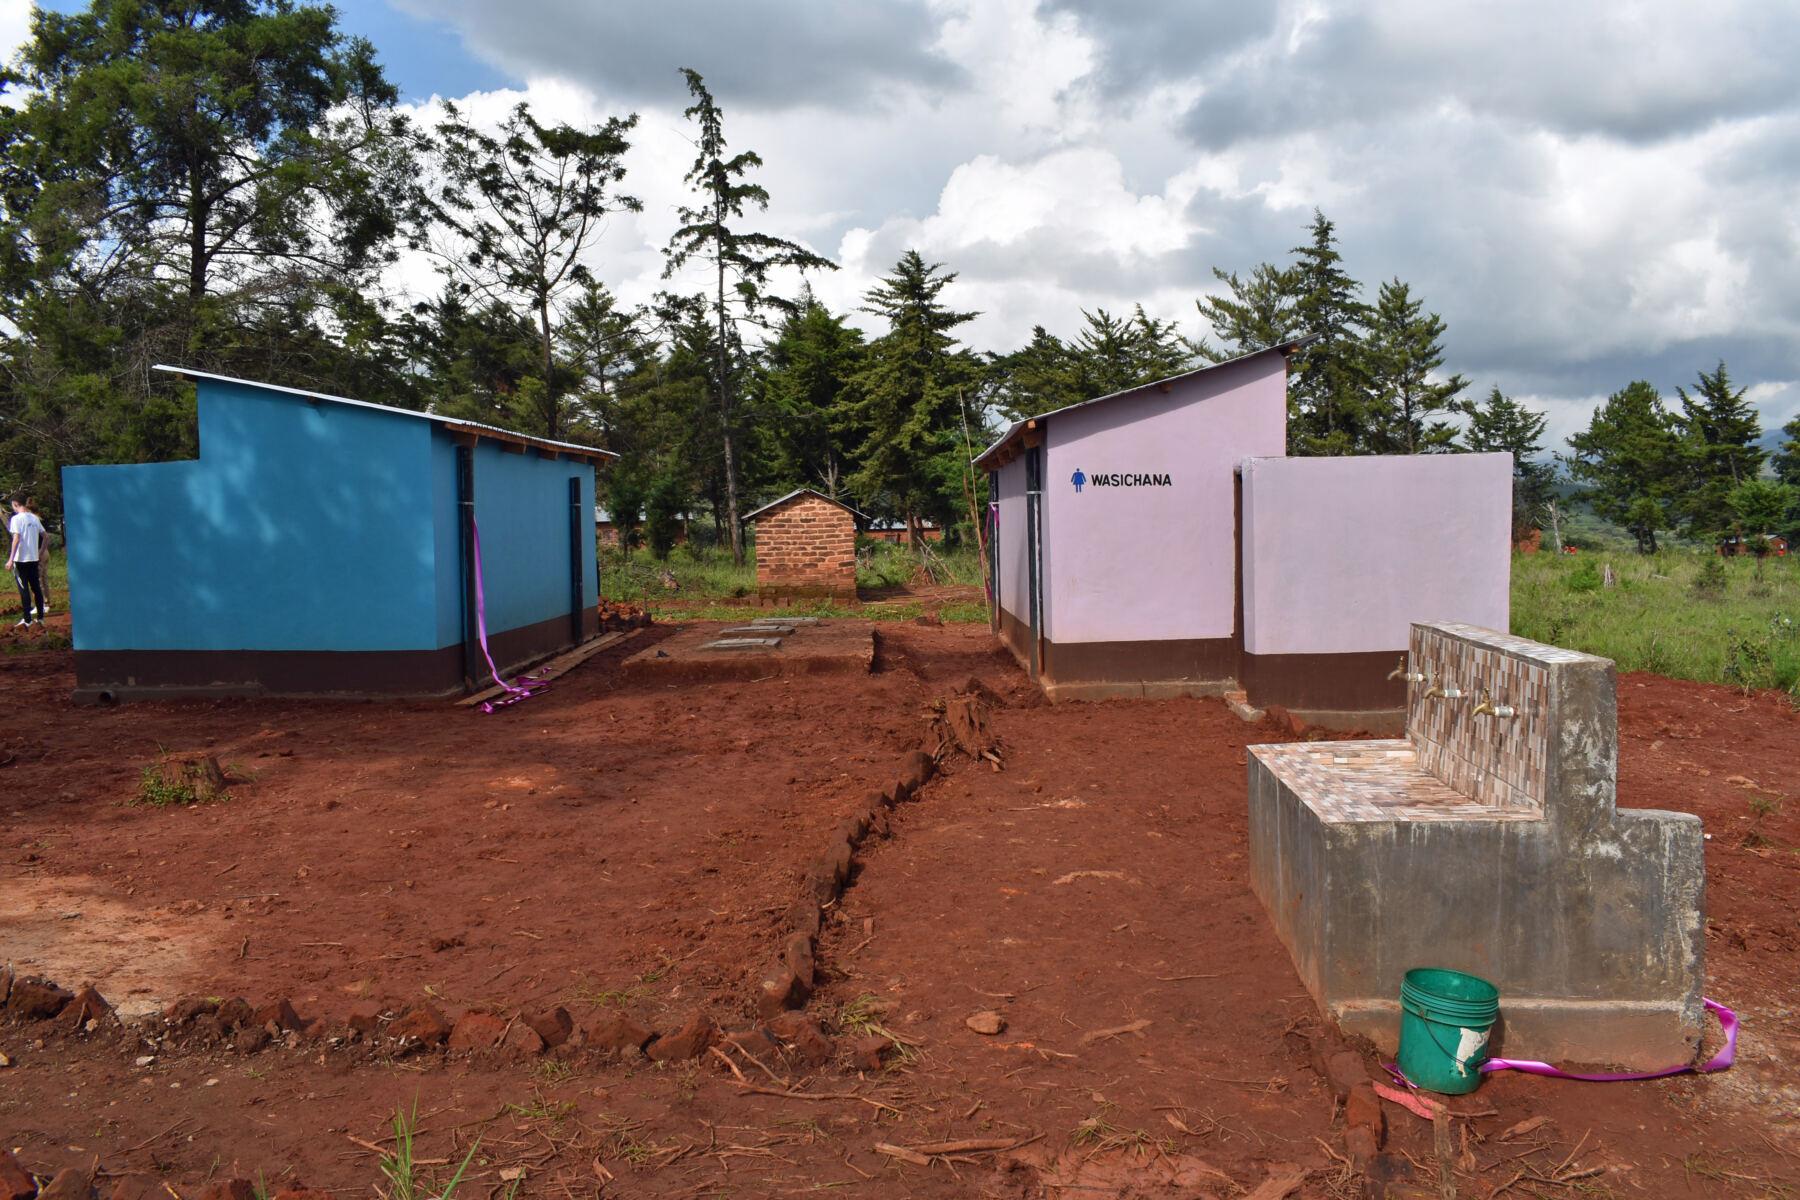 Neue Toiletten für 300 Schüler in Tansania